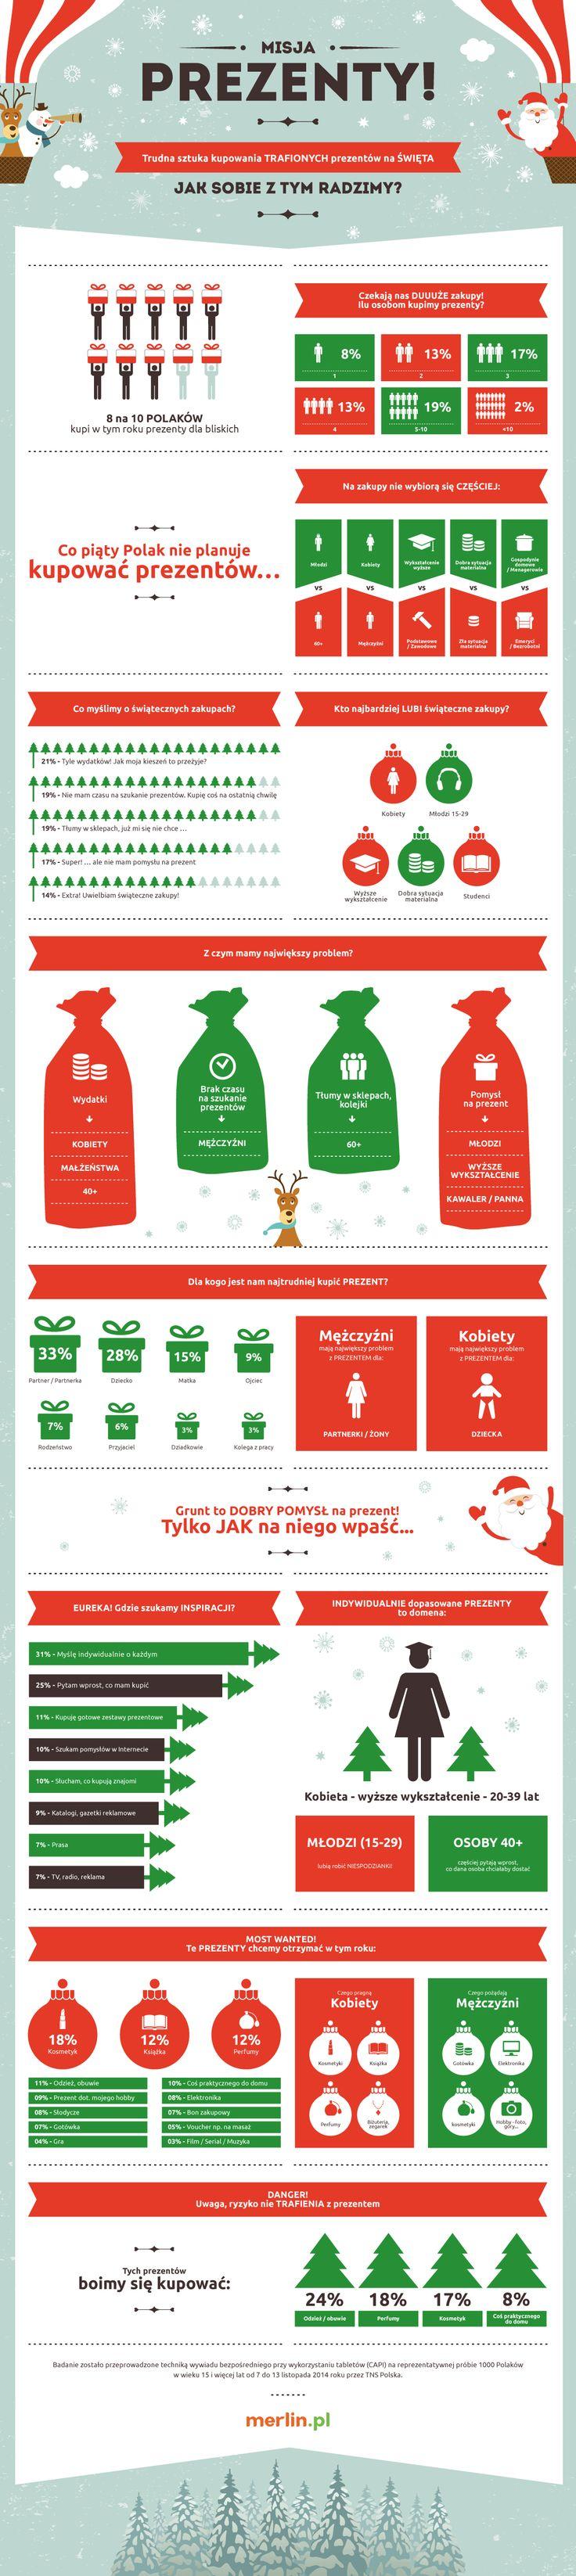 Bożonarodzeniowe zakupy Polaków - infografika